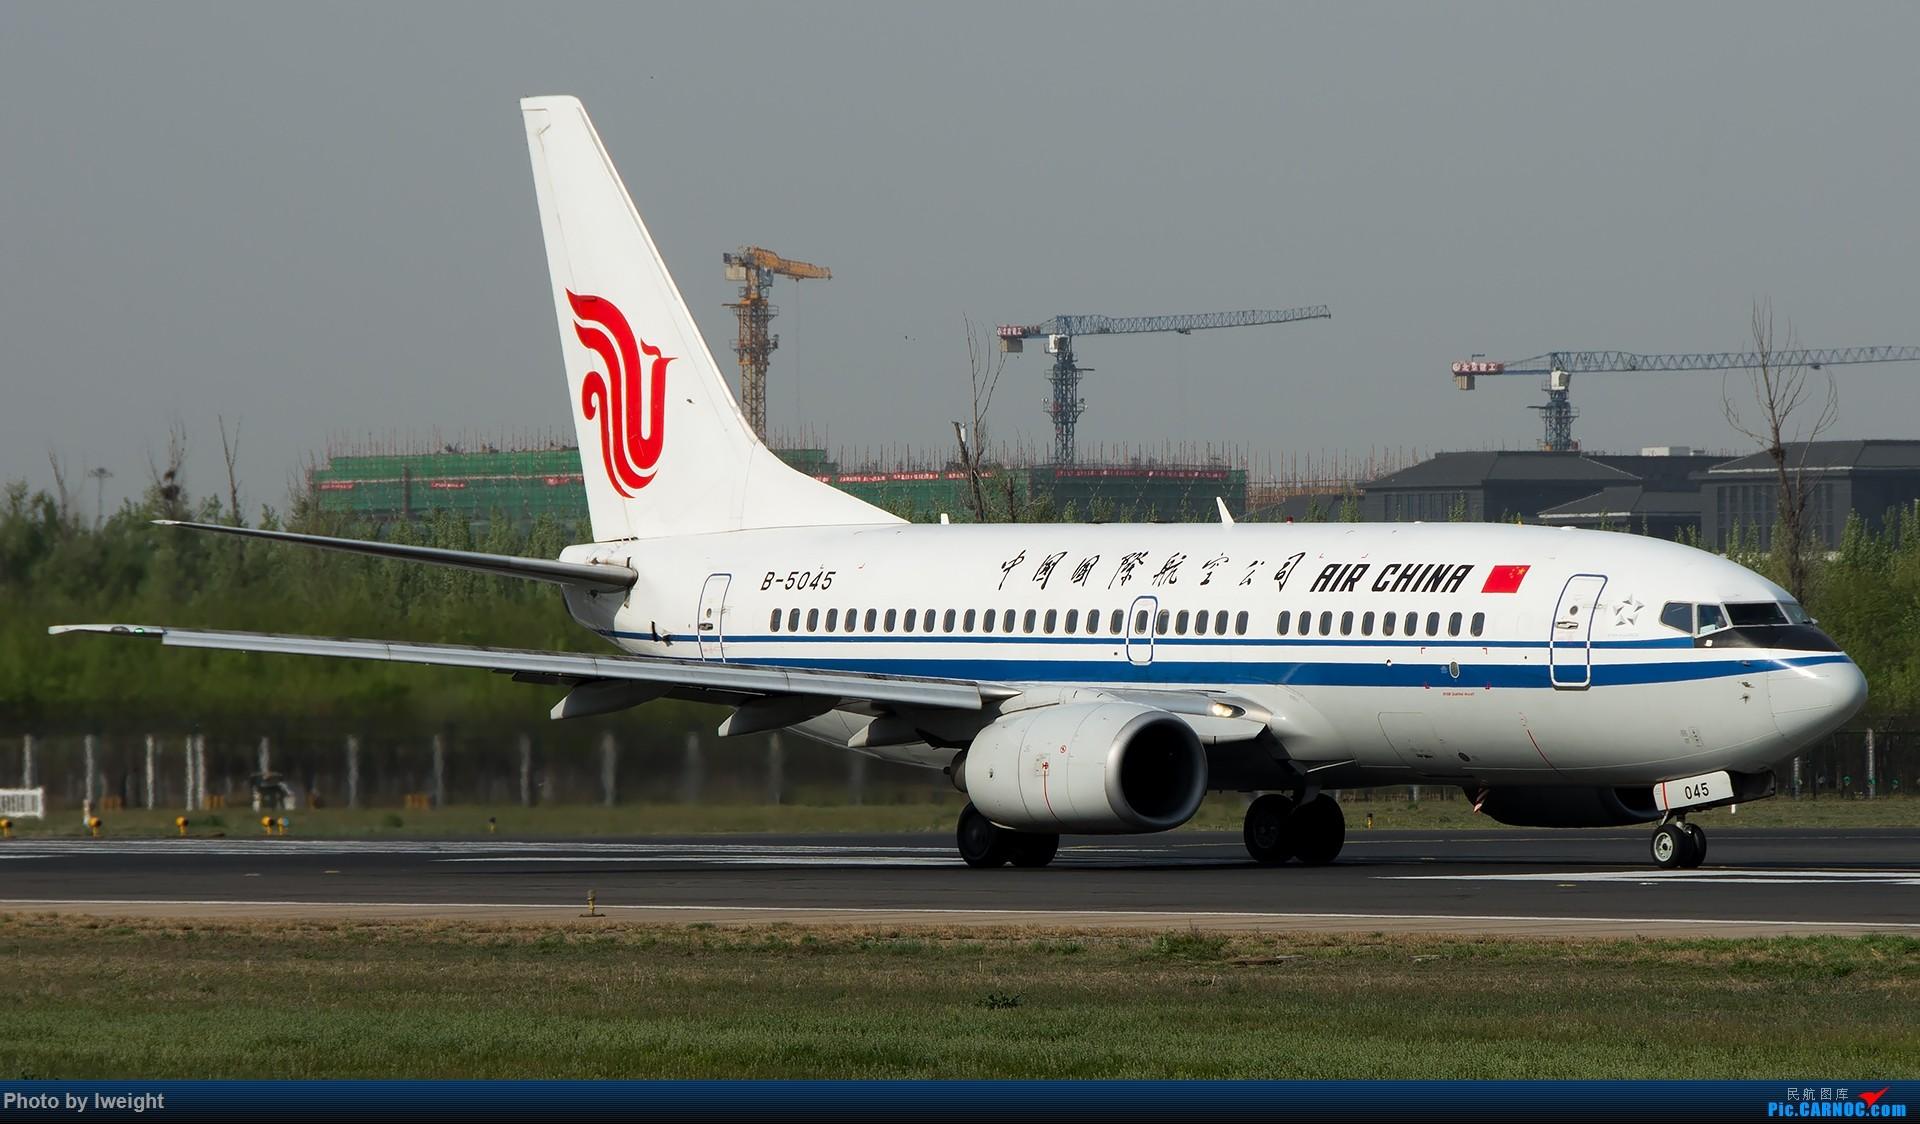 Re:[原创]天气晴朗,继续守候18R【多图】 BOEING 737-700 B-5045 中国北京首都国际机场